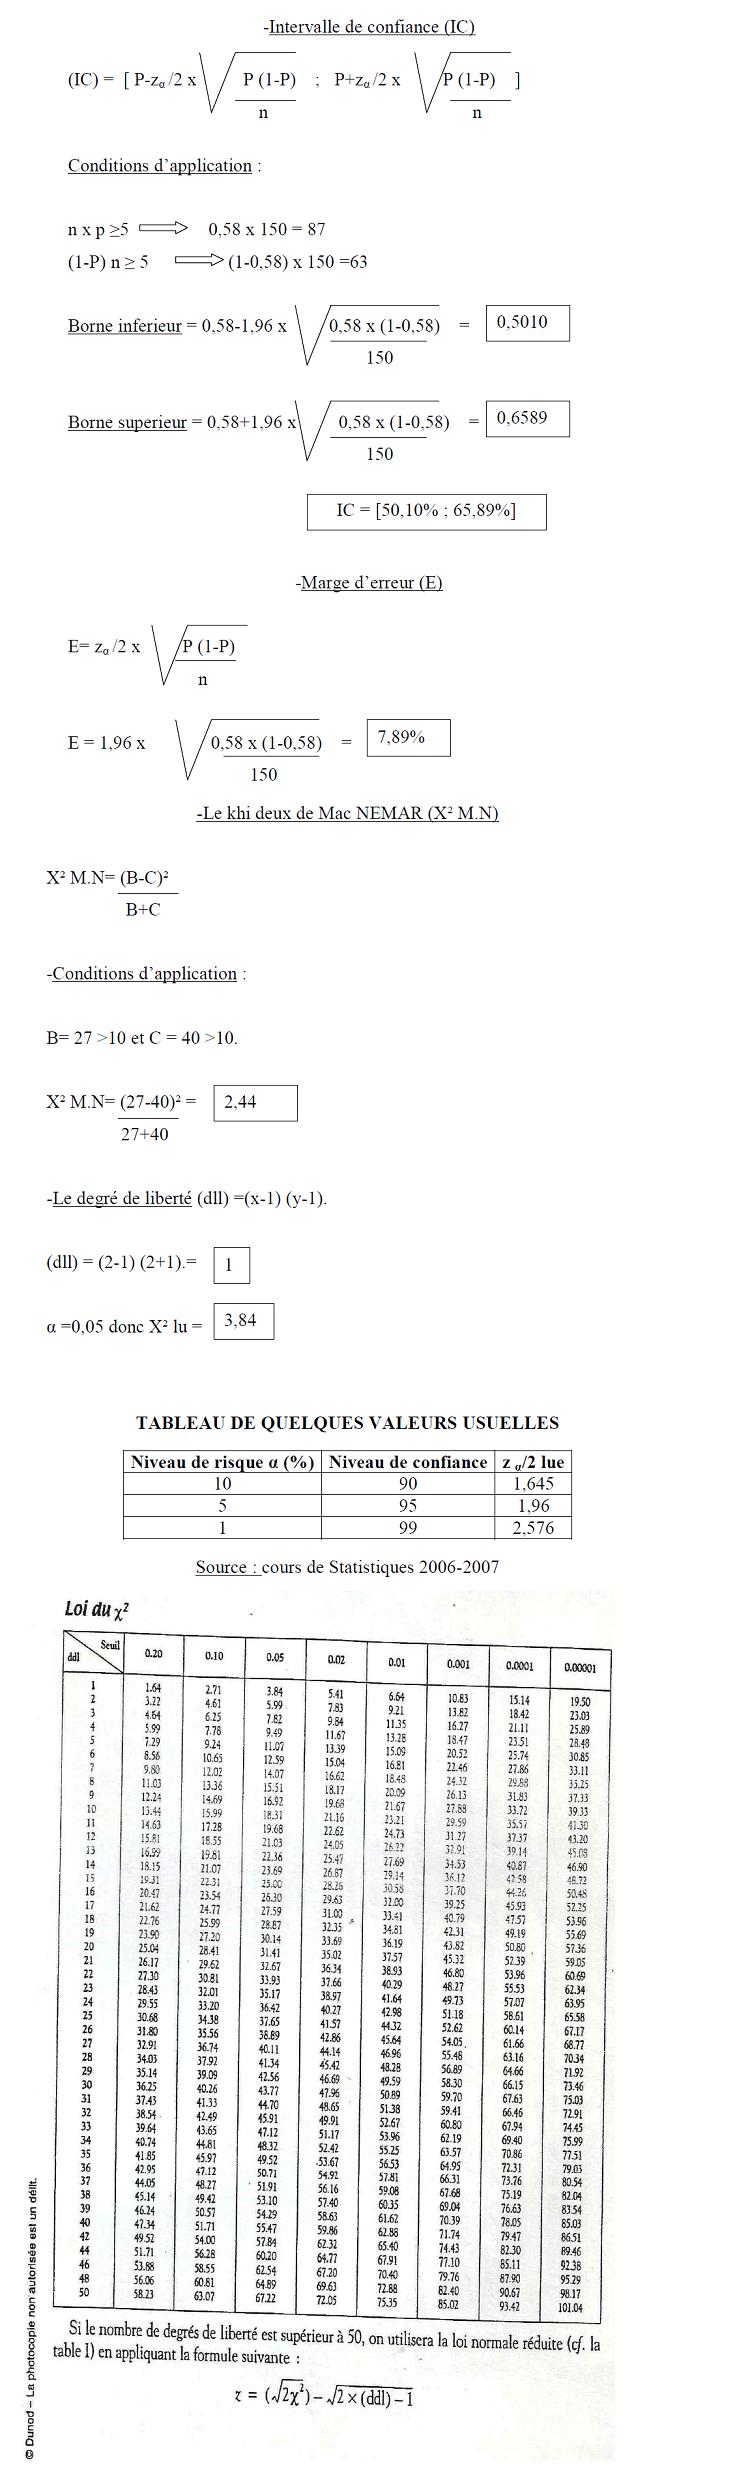 EXEMPLE D'APLICATION DU CALCUL DE L'INTEVALLE DE CONFIANCE POUR LA PROPORTION DOMINANTE ET DU X² POUR LE TABLEAU N° 13